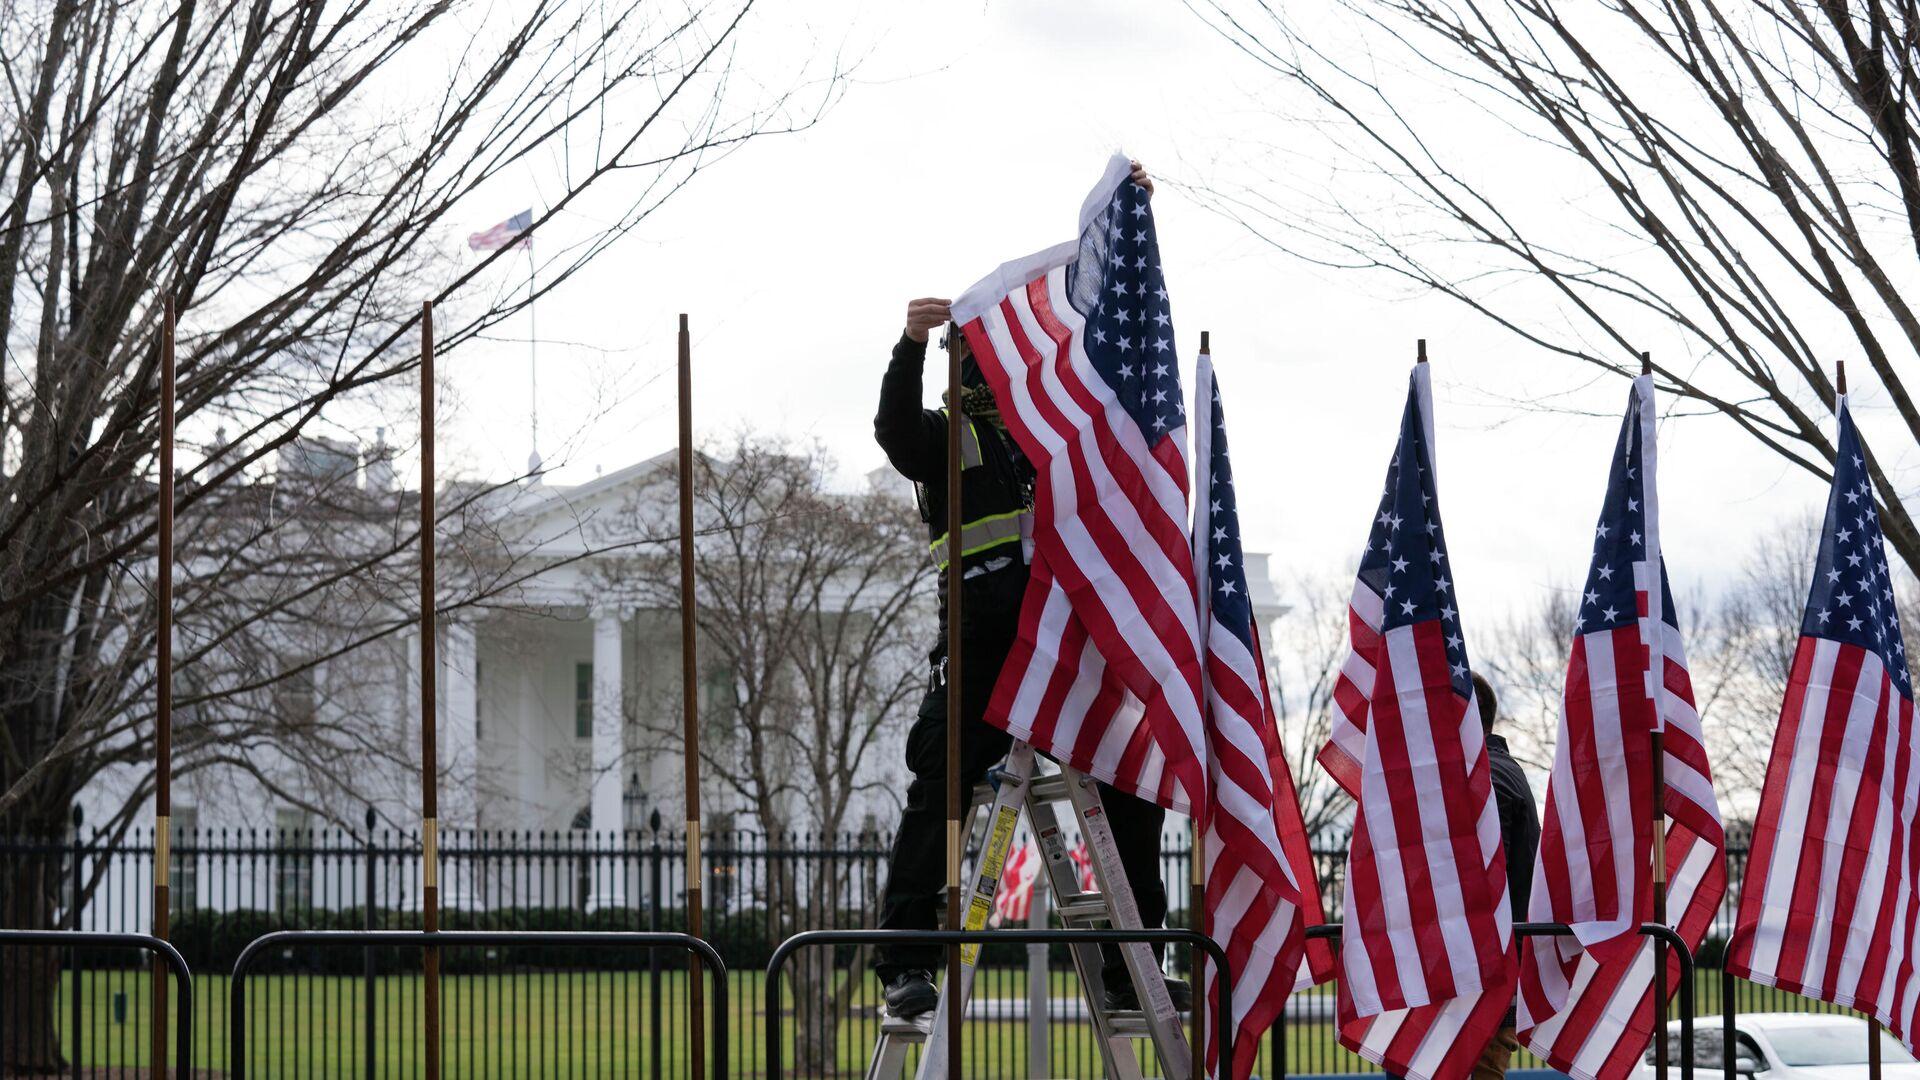 Рабочий устанавливает флаги возле Белого дома в Вашингтоне - РИА Новости, 1920, 26.03.2021